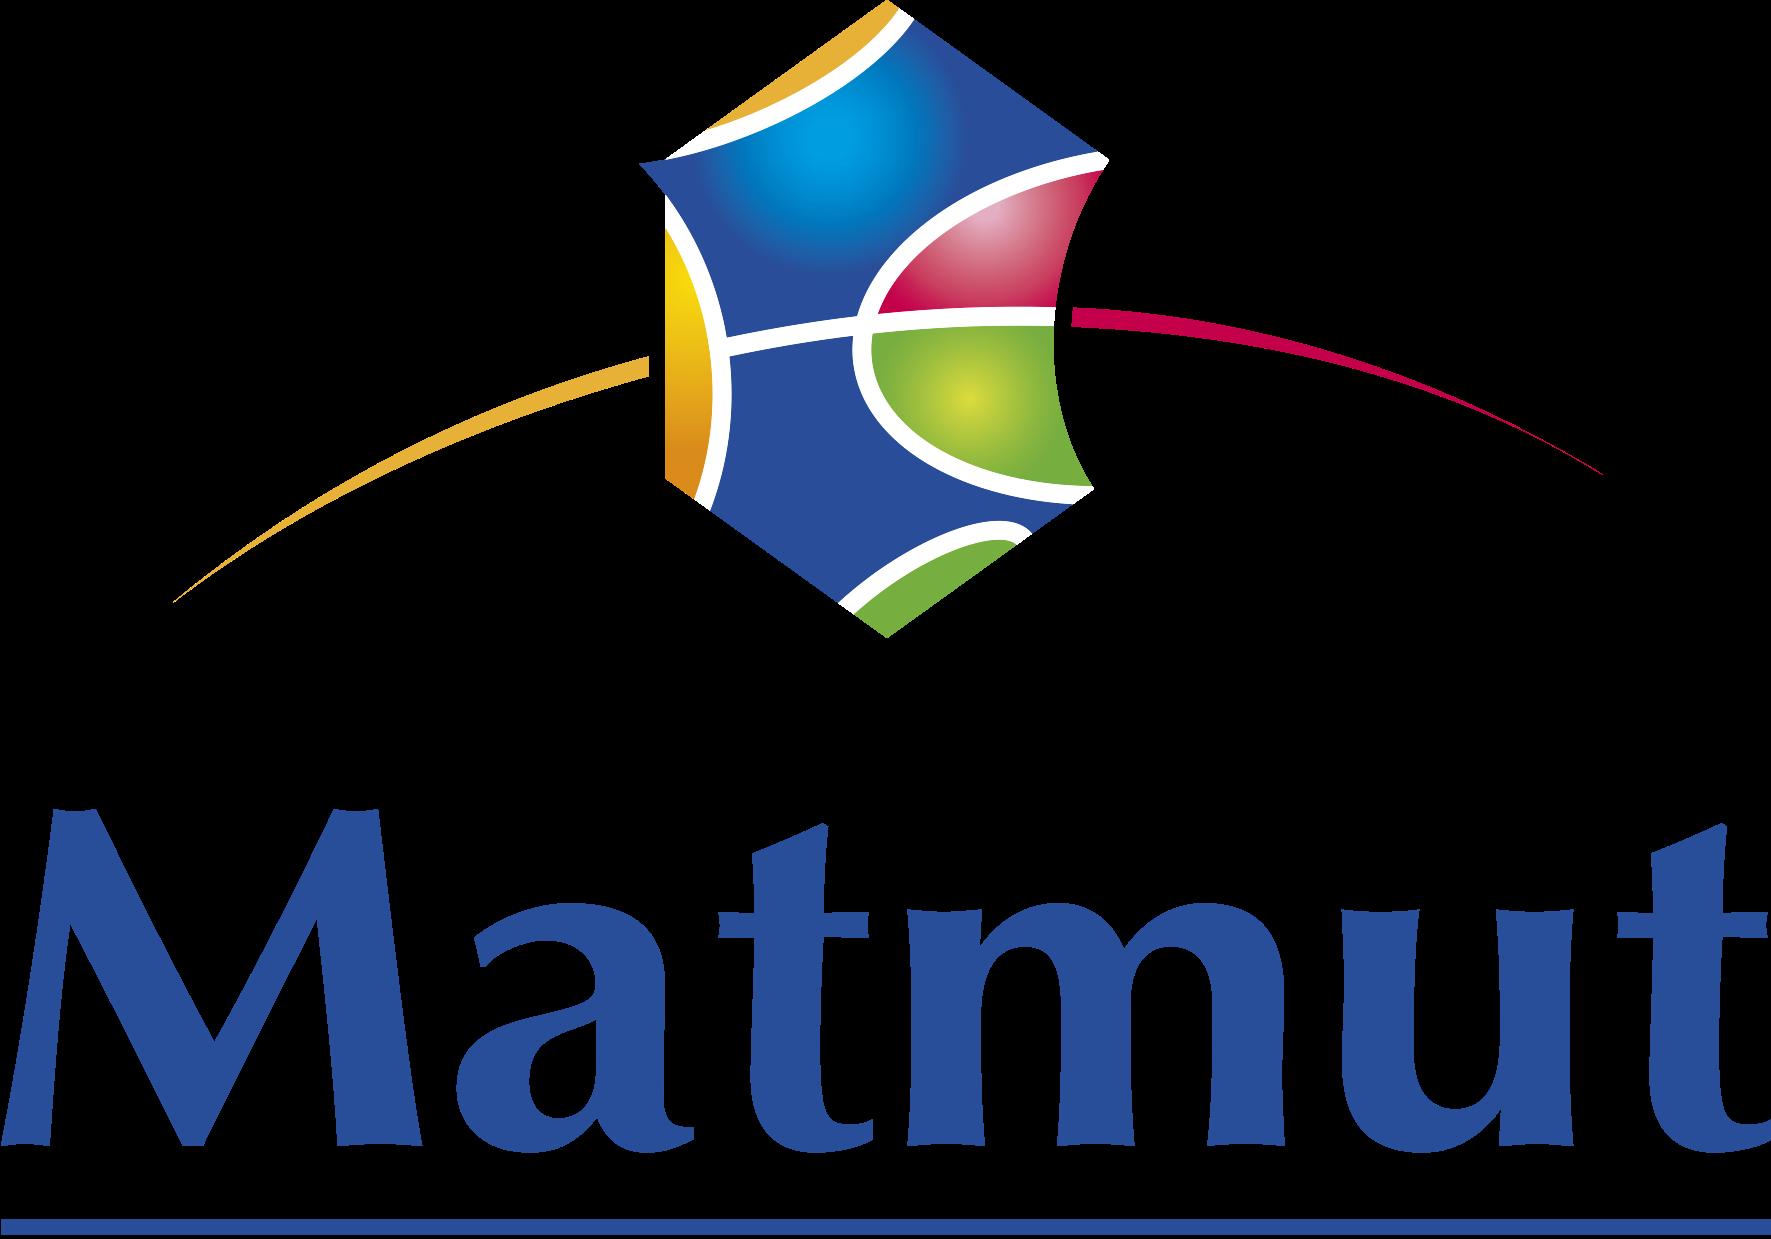 Matmut's logo